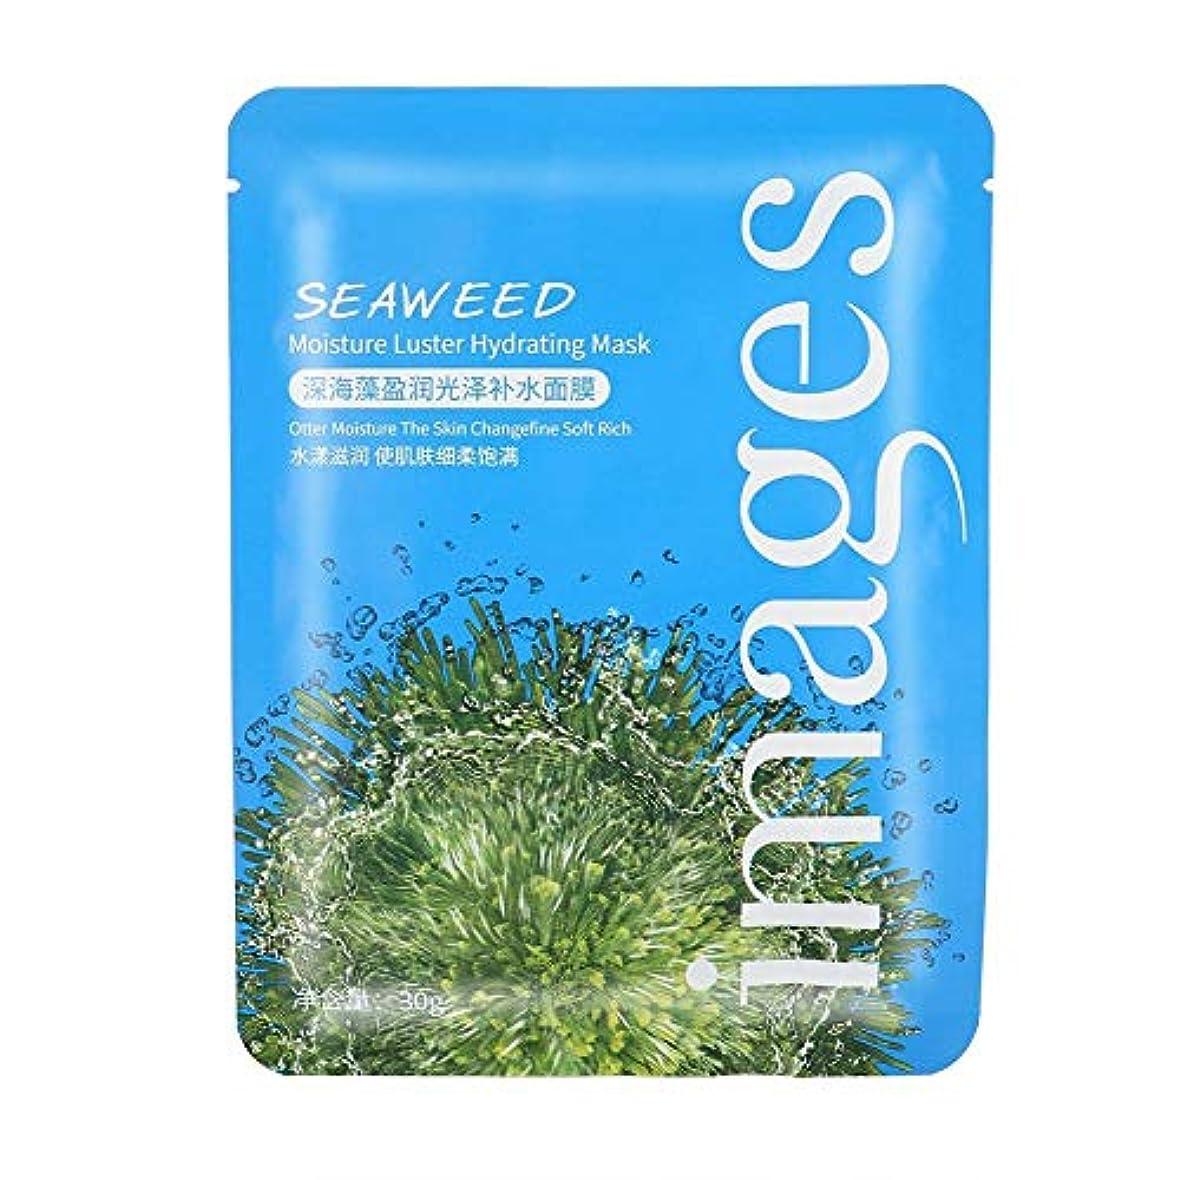 親密な強風言語学Semme天然海藻エキスフェイスマスク、20 /個明るく保湿引き締め海藻エッセンスフルフェイスフェイシャルマスクシートスキンケア(豊かな輝き)